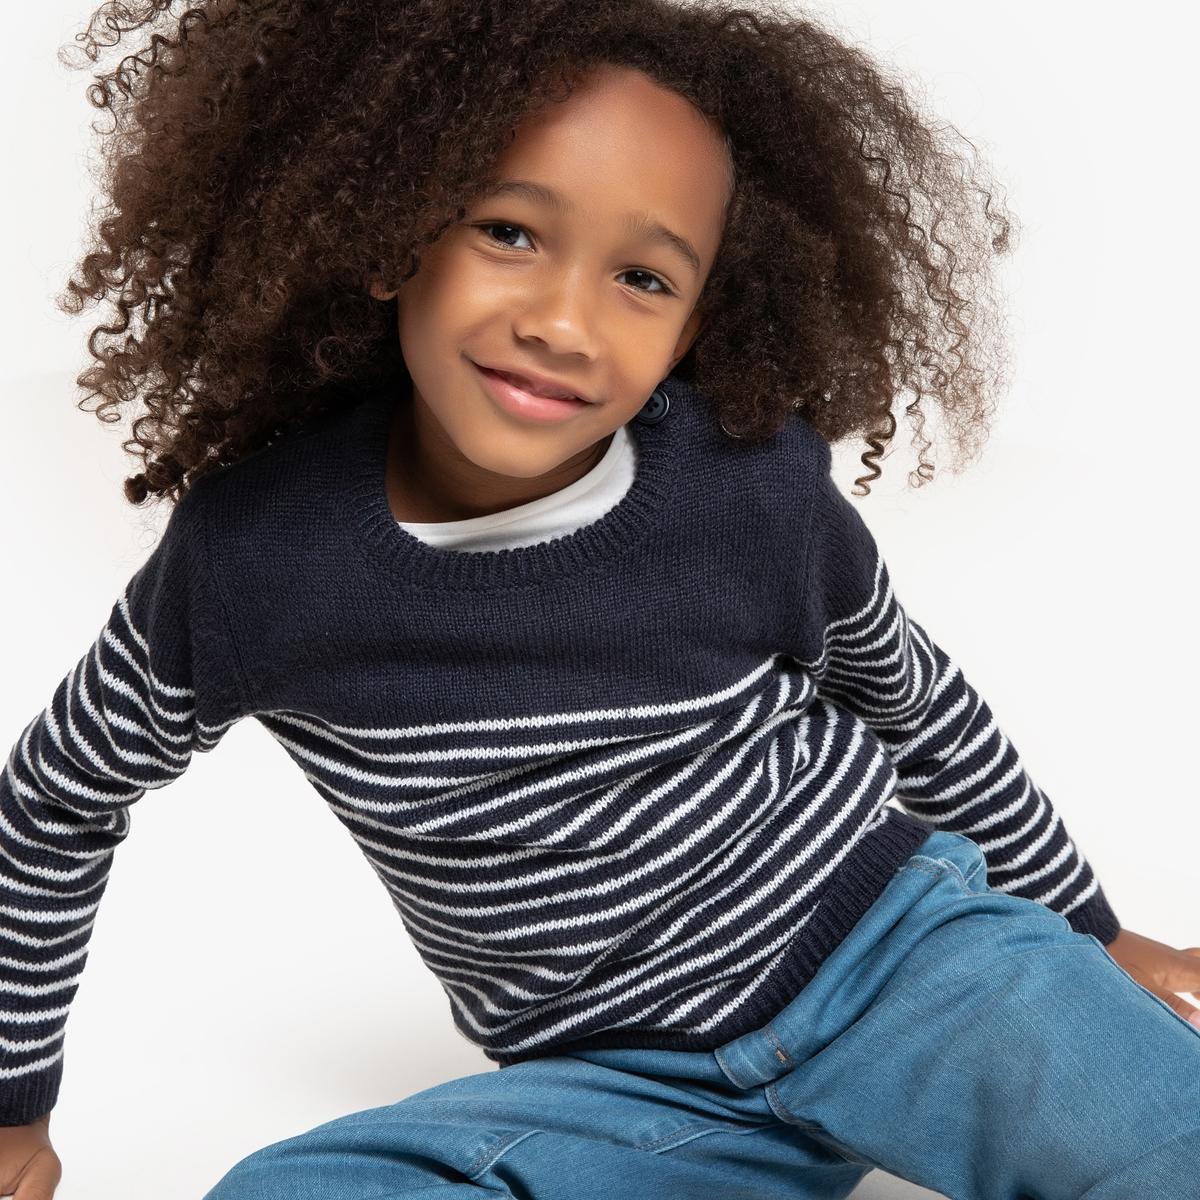 Пуловер La Redoute С круглым вырезом в полоску 8 лет - 126 см синий пуловер с круглым вырезом 3 12 лет